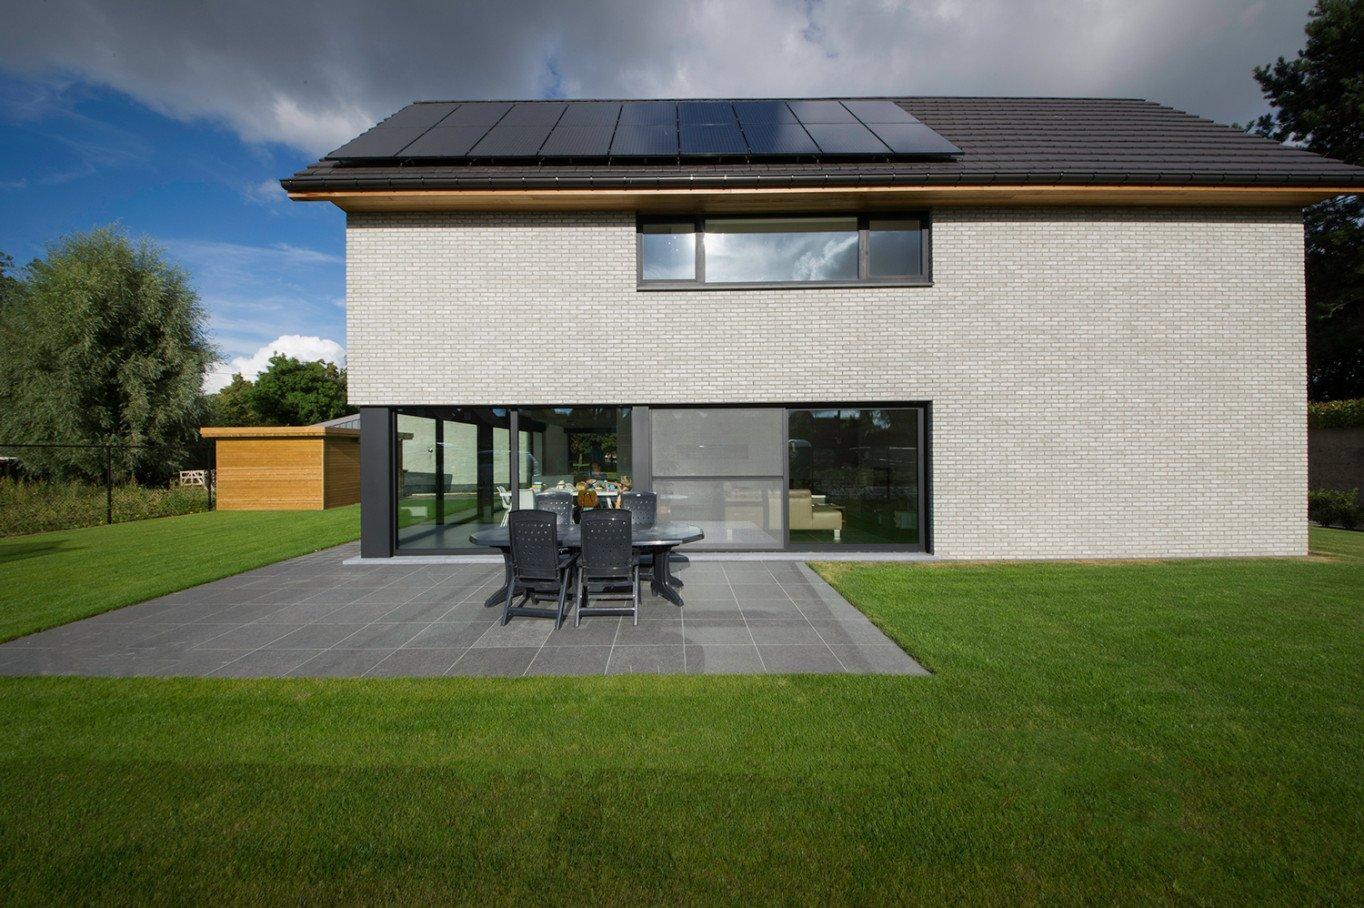 Bijna Energieneutrale nieuwbouw met zonnepanelen in moderne bouwstijl